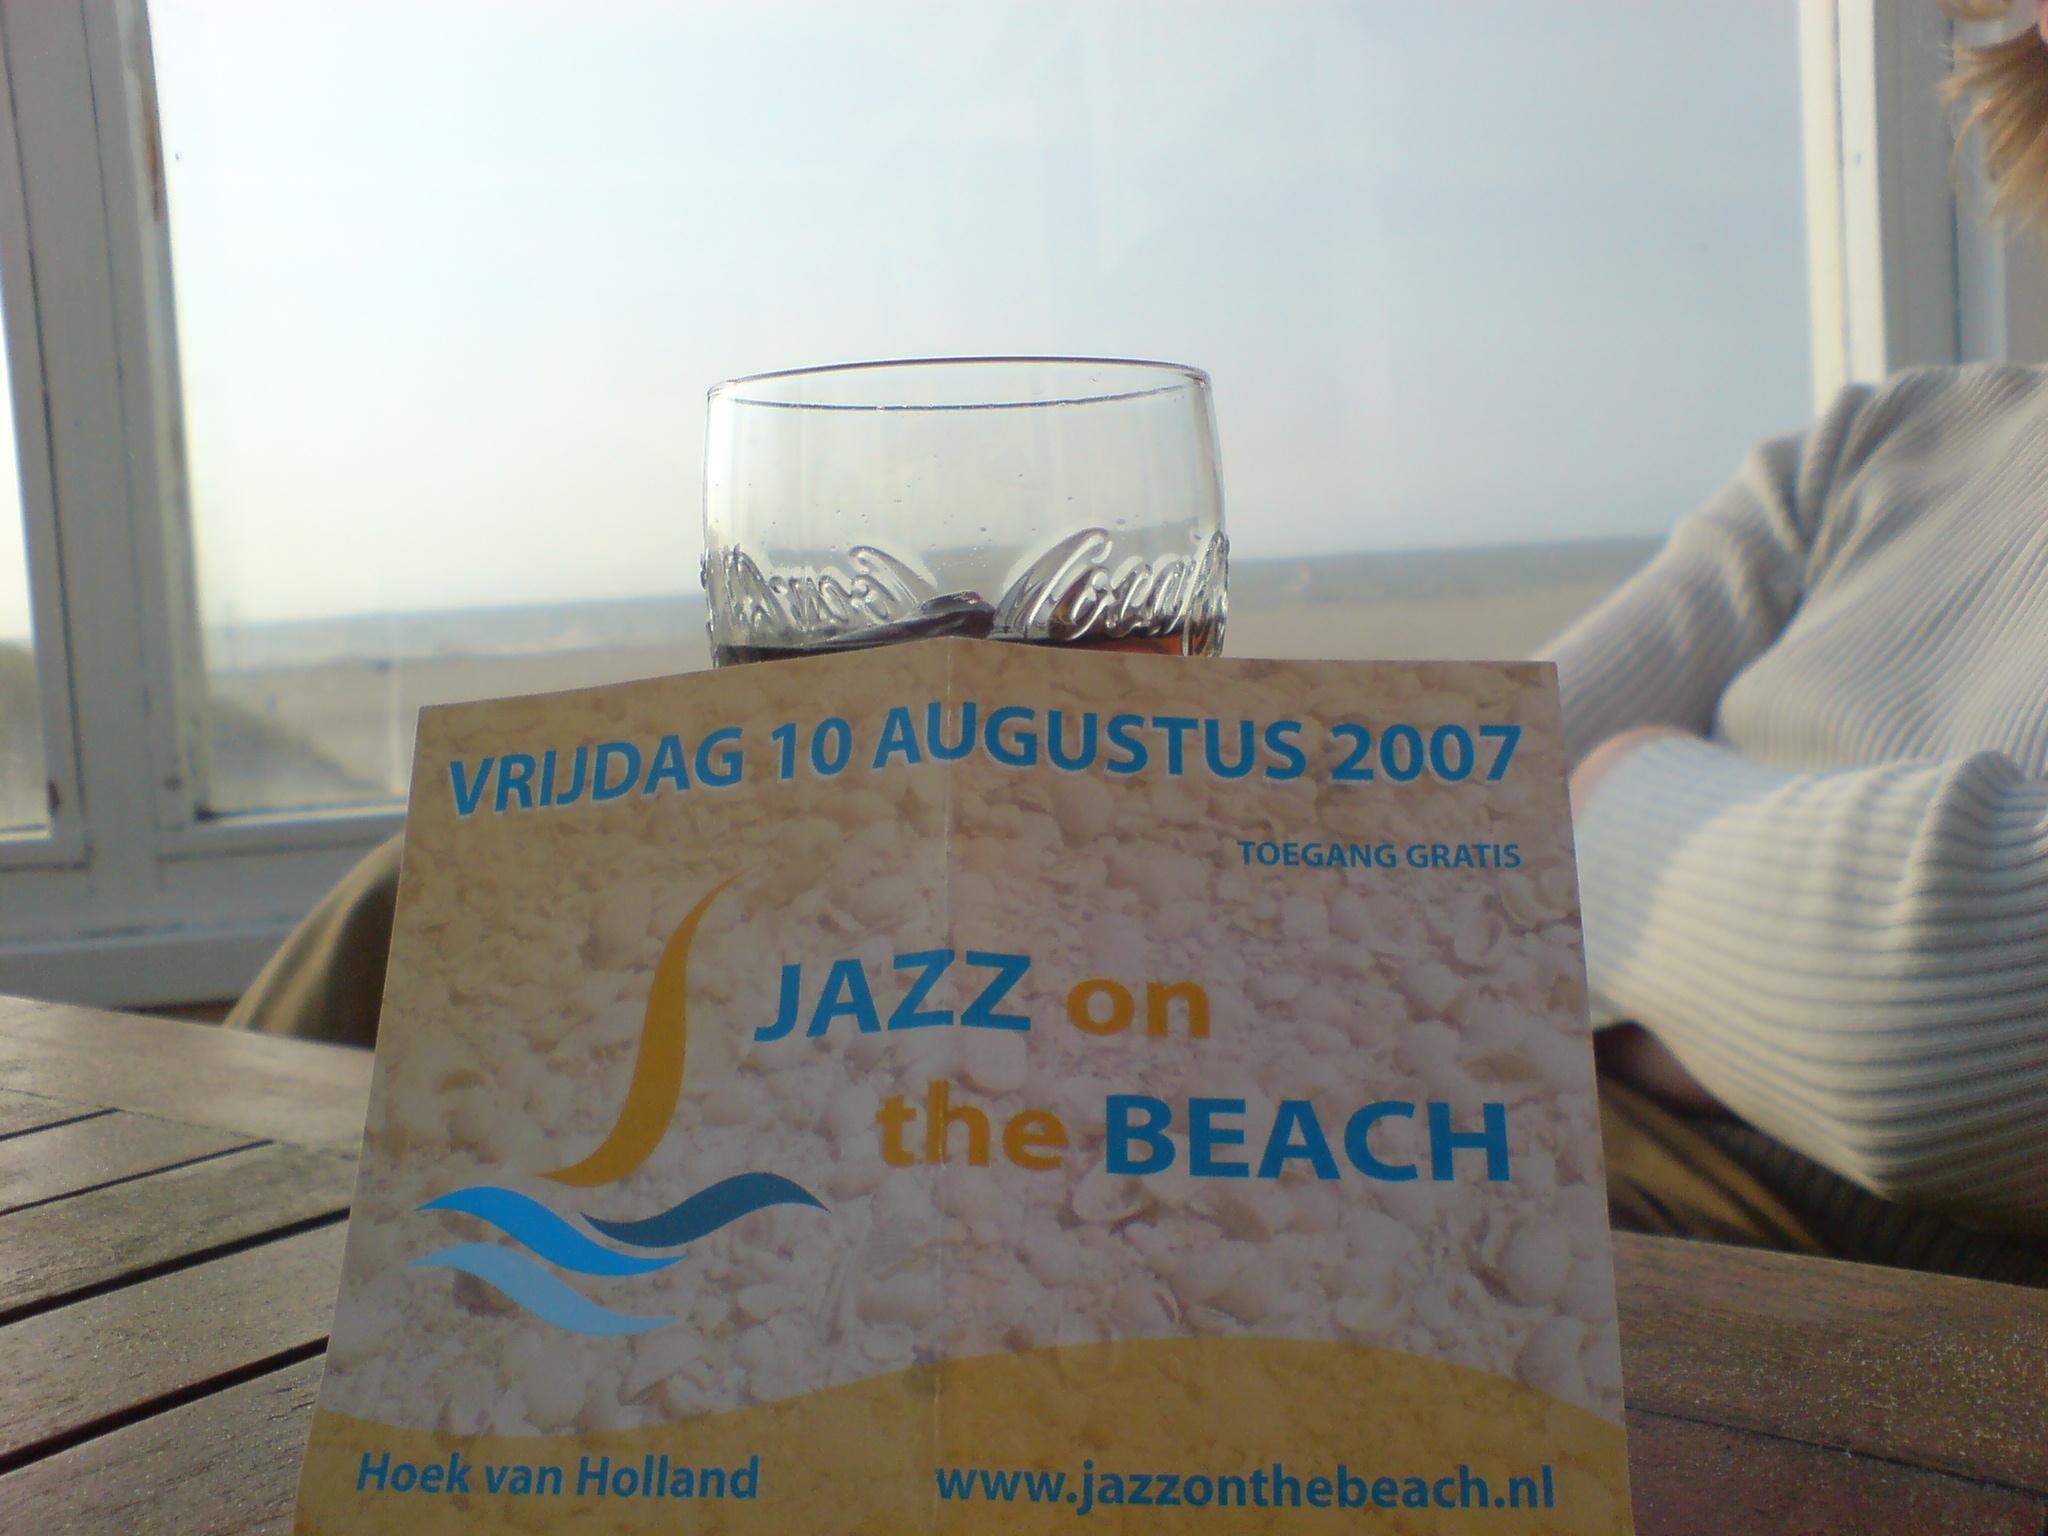 Flyer Jazz on the beach, on the beach